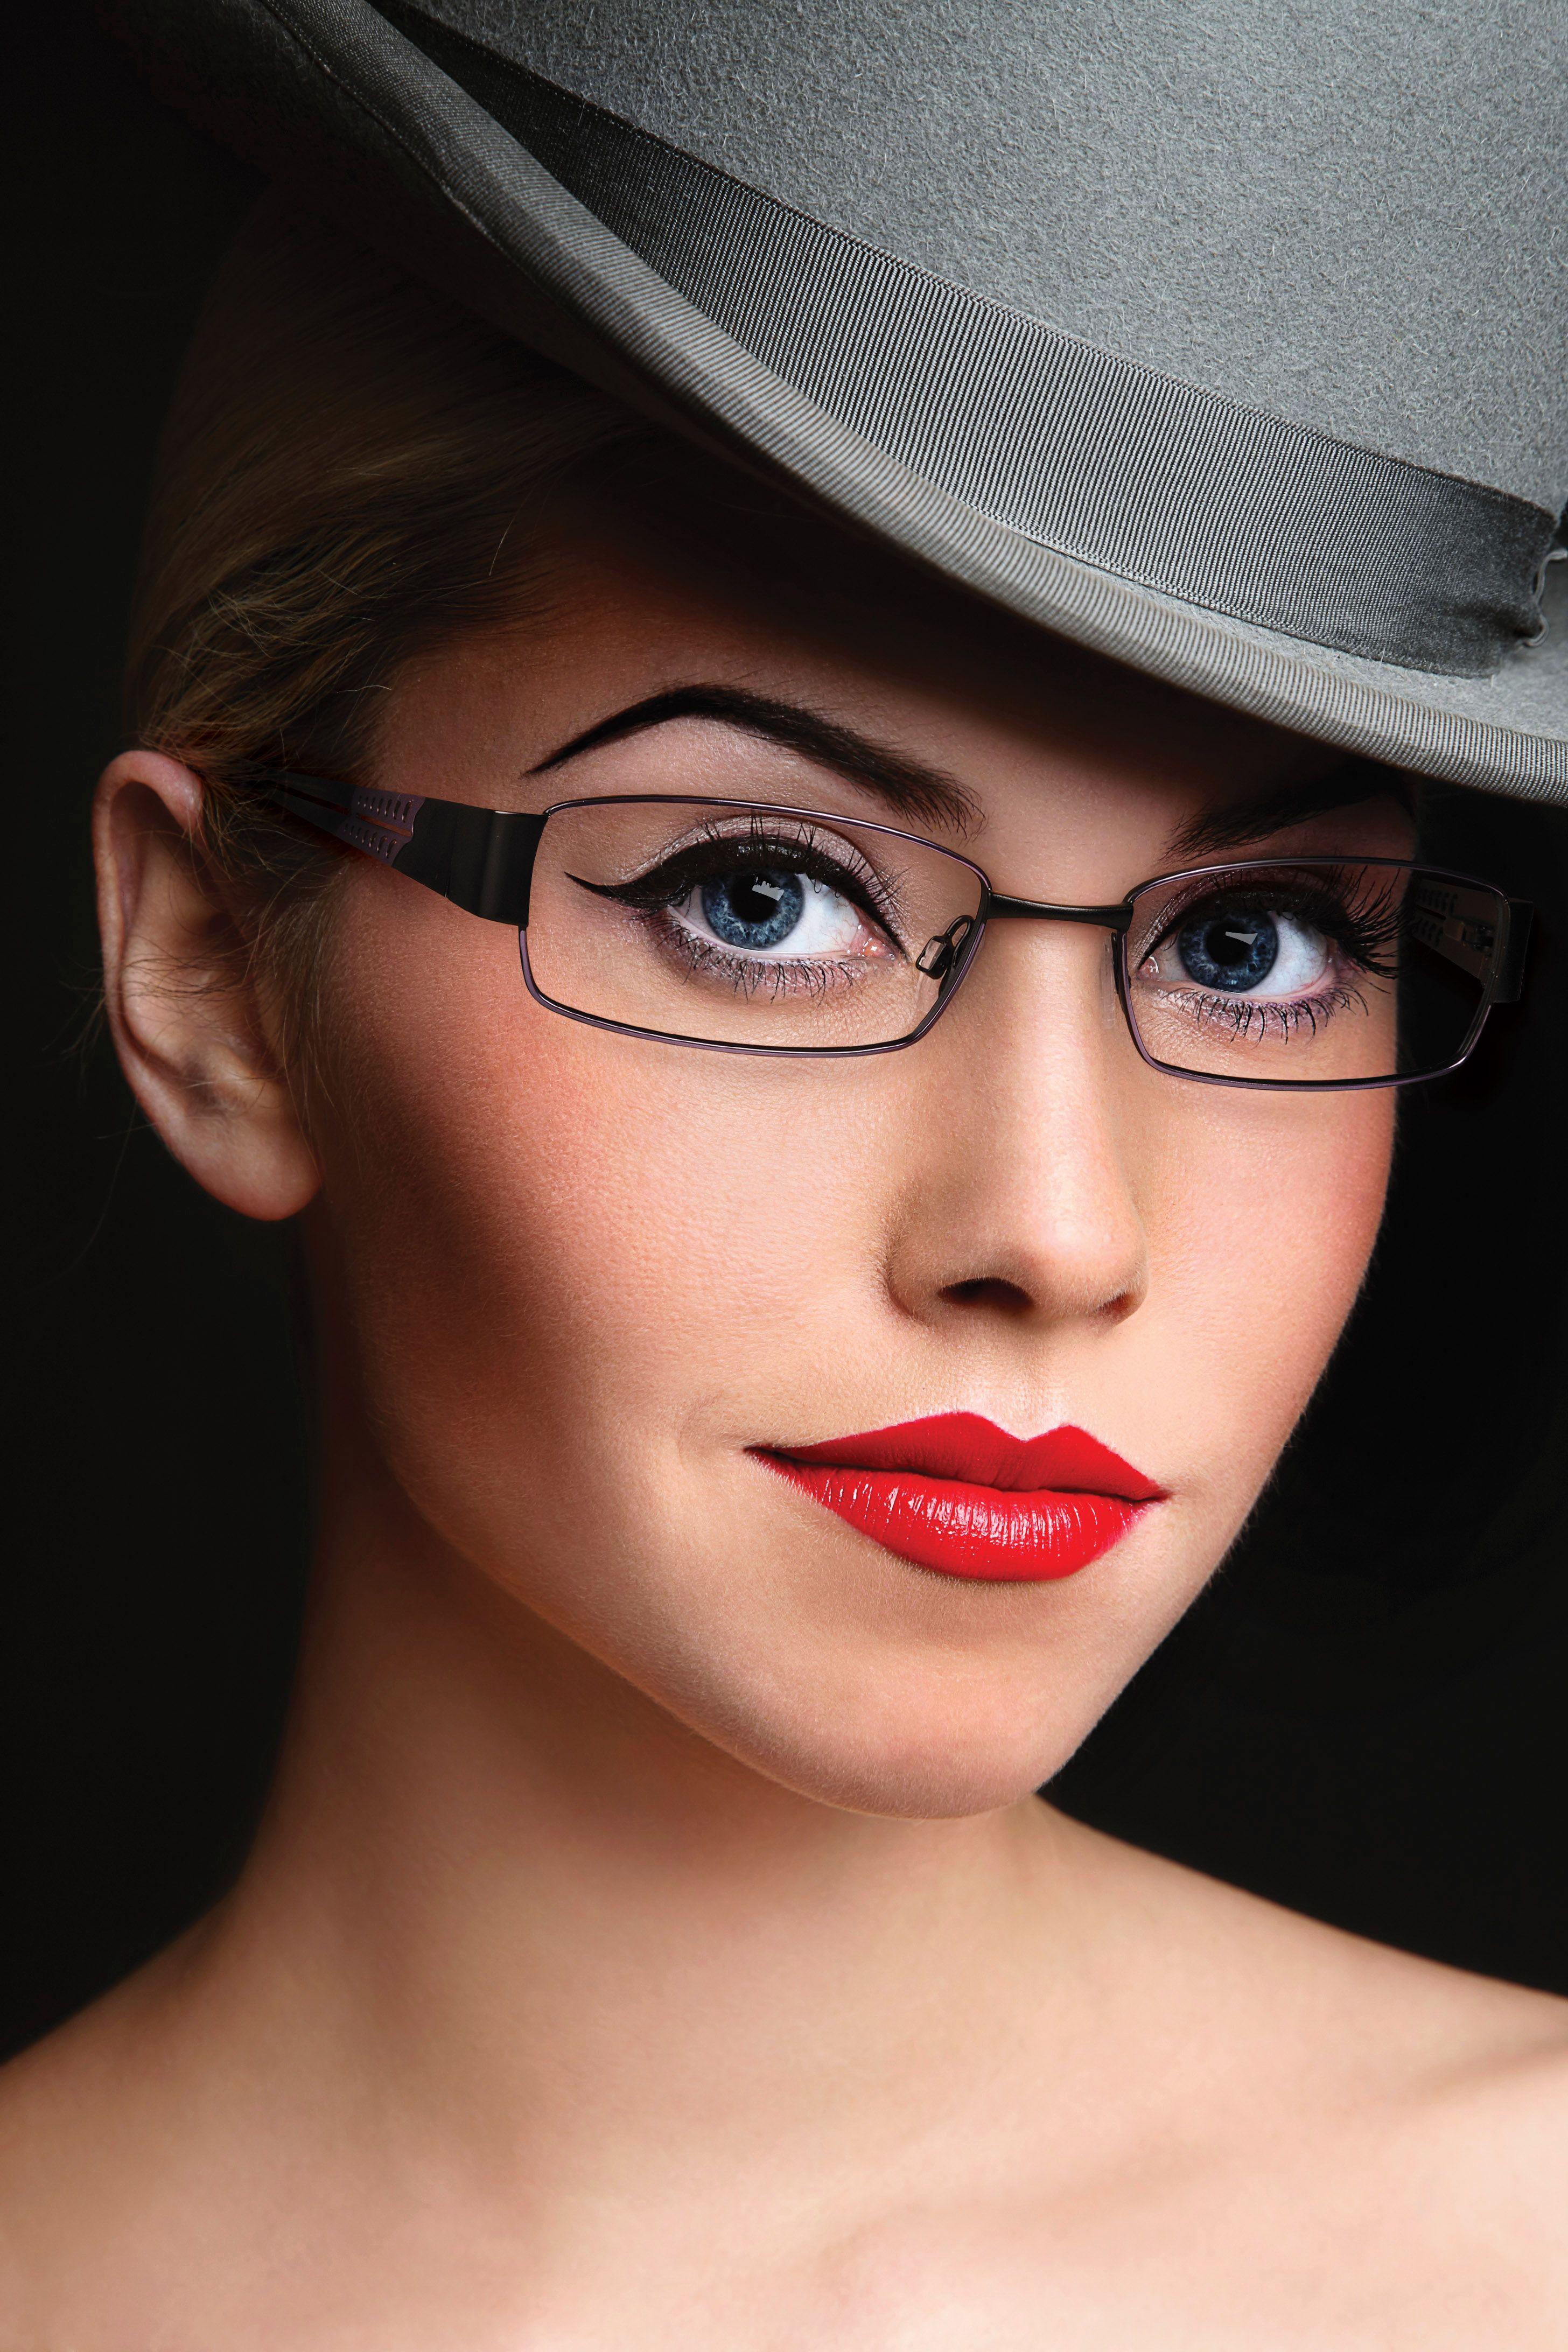 Women's Modern Art, eye glass frames by Modern Optical